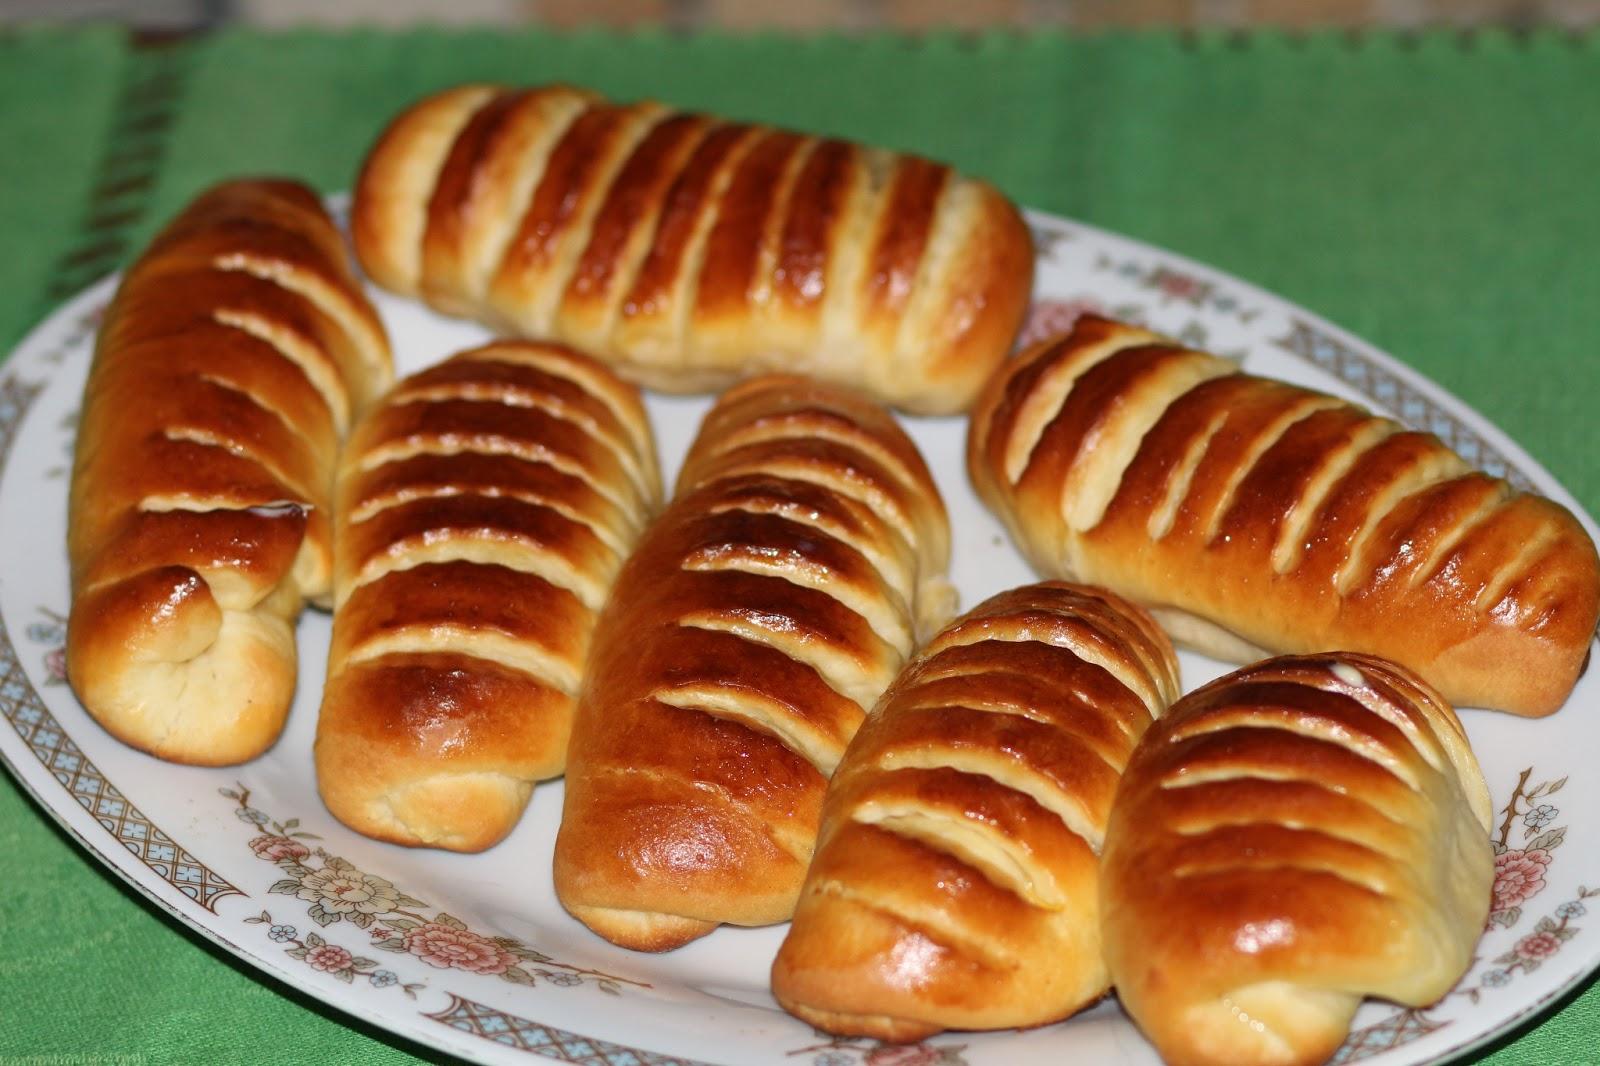 Формы булочек с повидлом из дрожжевого теста пошагово